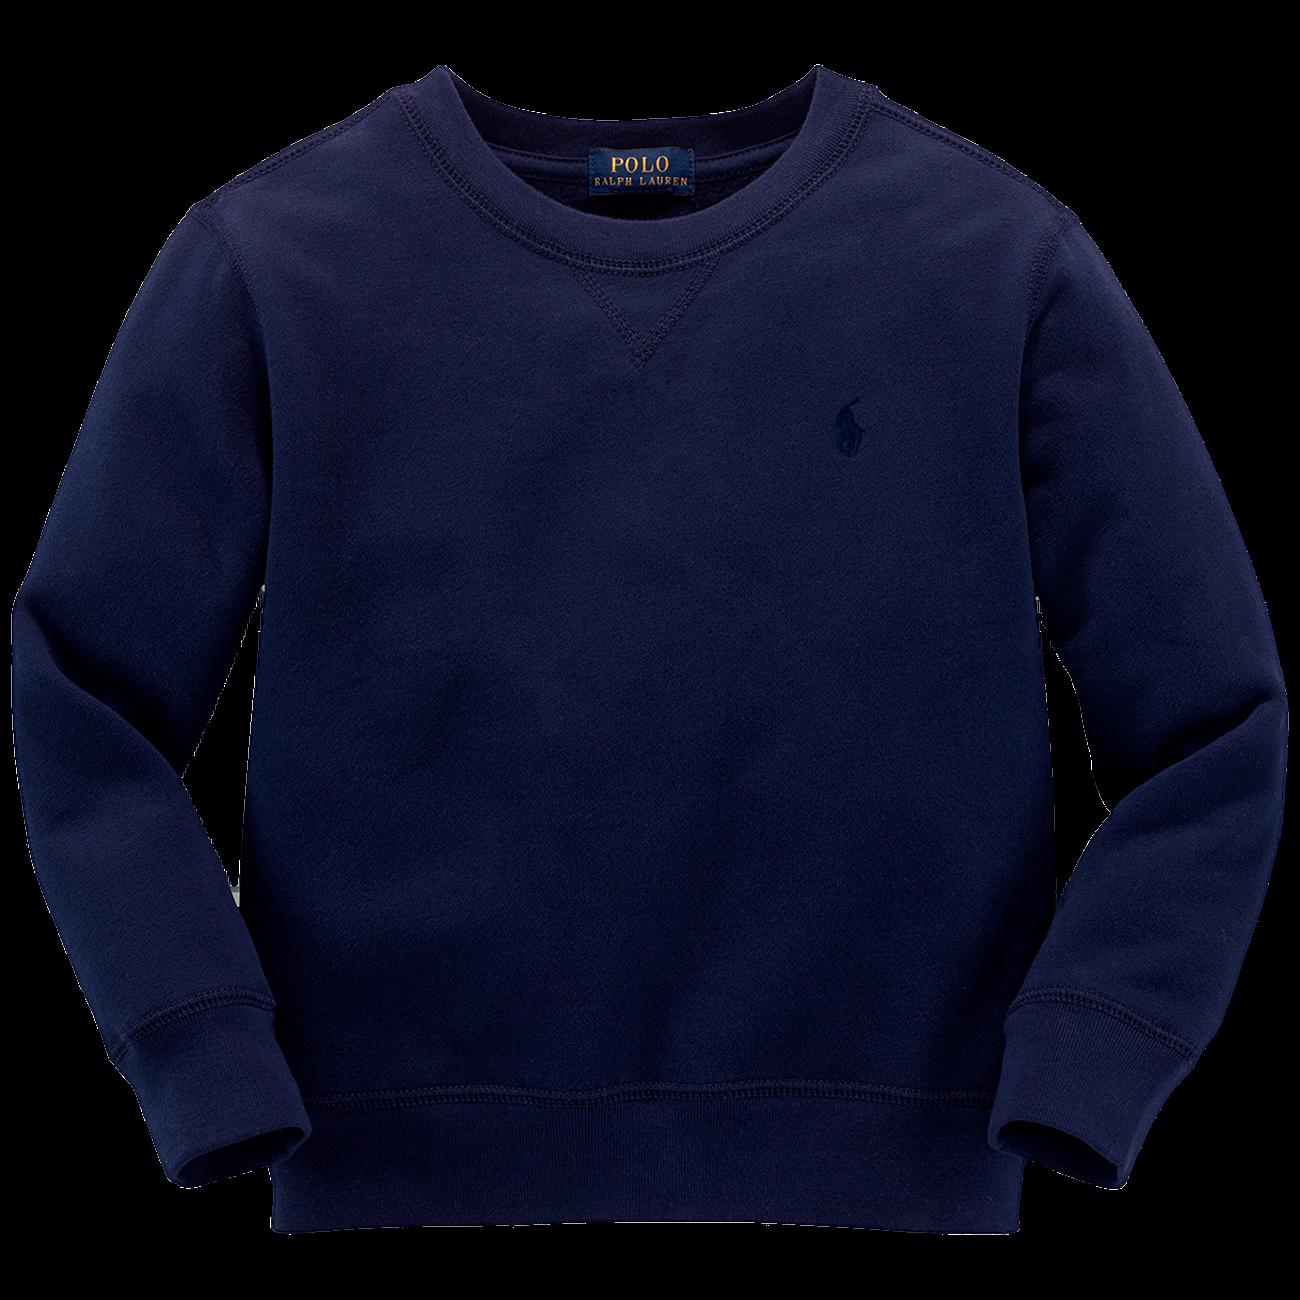 köpa så billigt på fötter kl Polo Ralph Lauren Boy Sweatshirt Navy